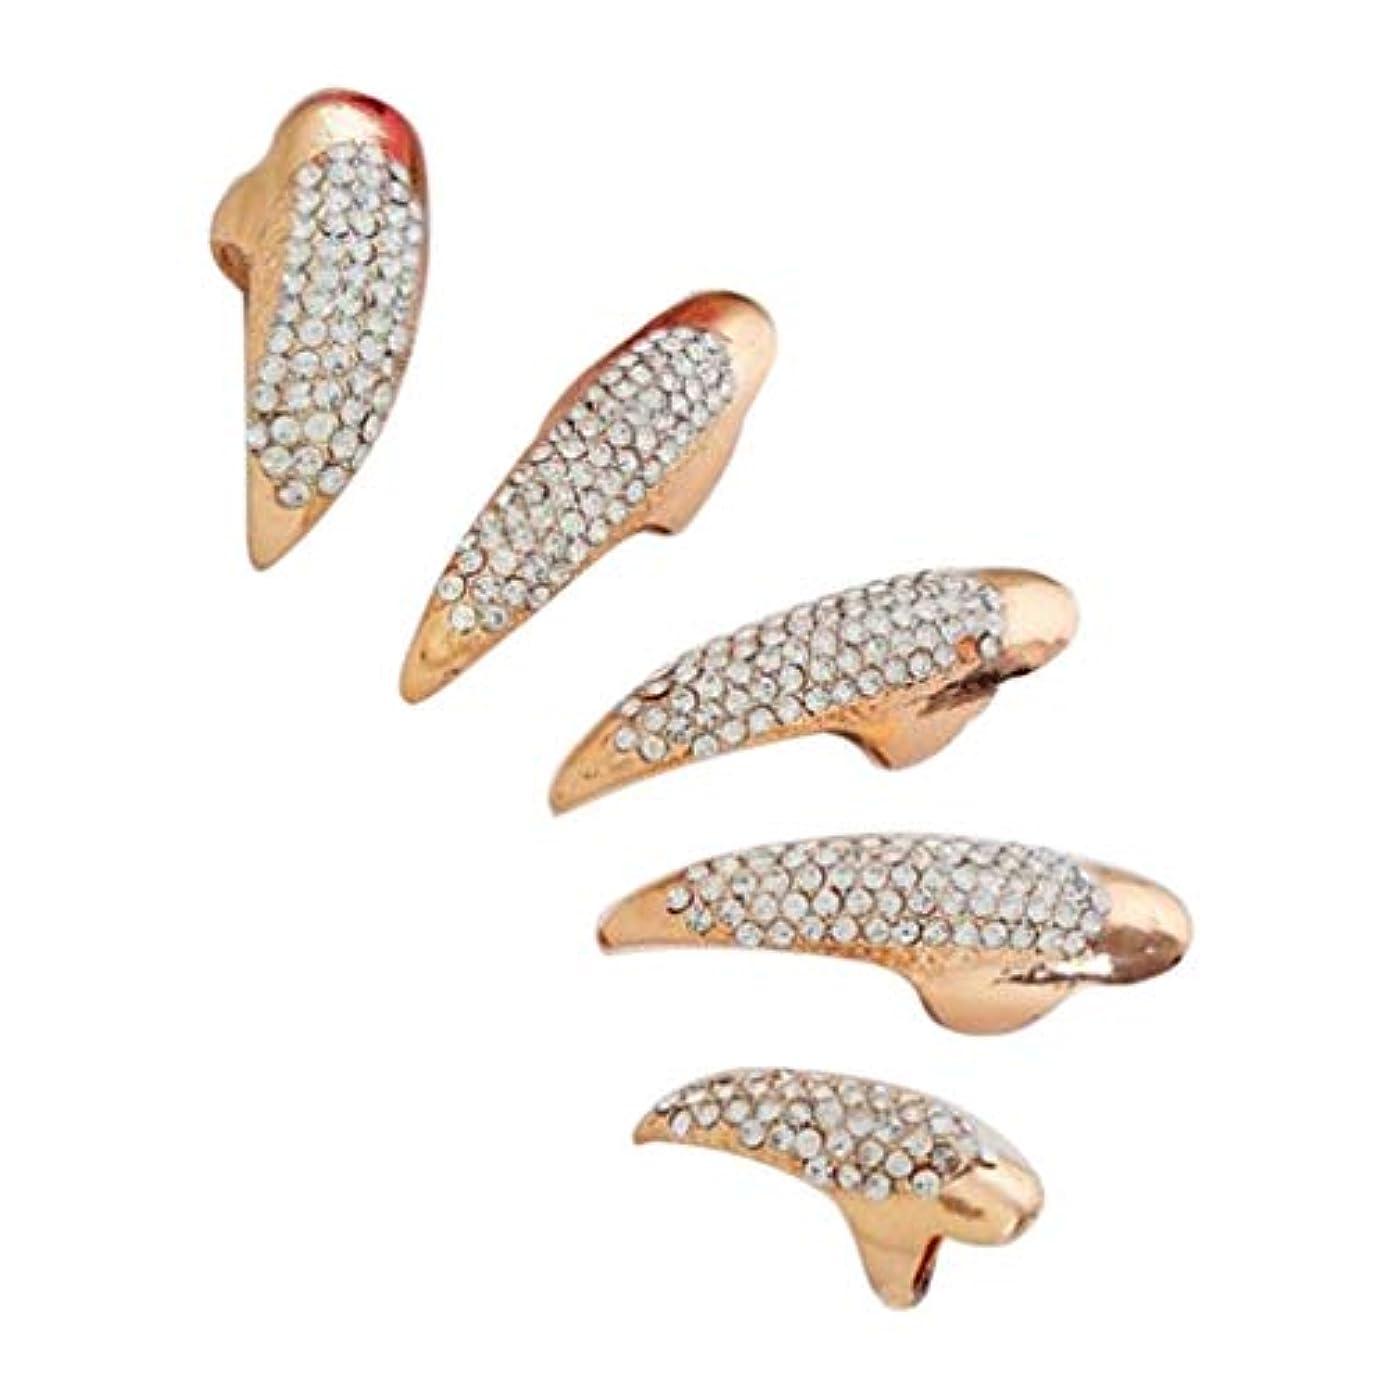 せせらぎほかにモンクネイルリング チップリング リング 指先 爪リング 爪の指輪 レディース ネイルアート 2色選べ - ゴールデン